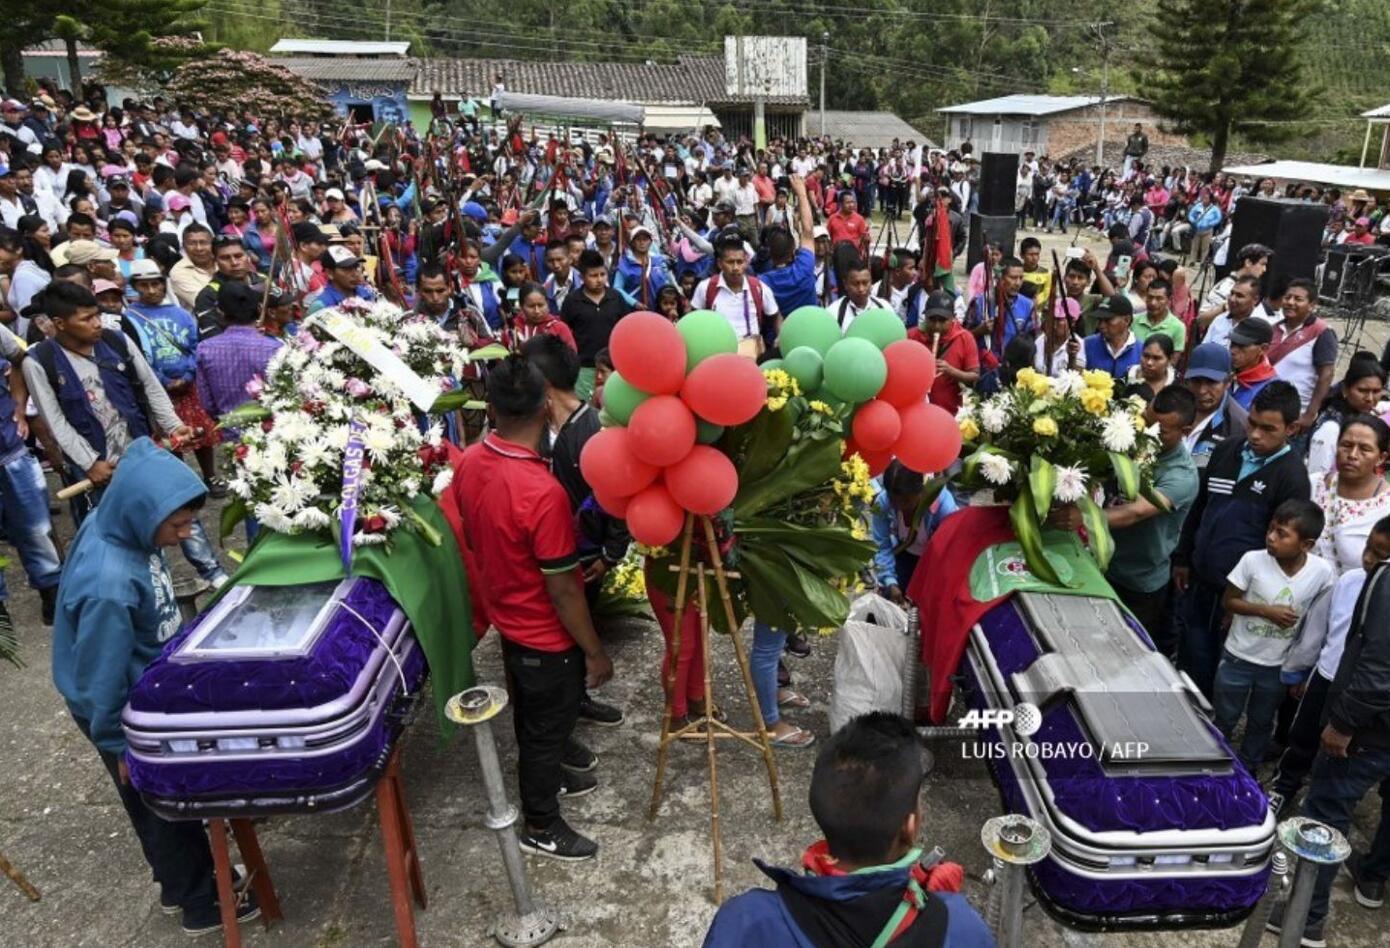 Eugenio Tenorio, de 46 años, y Kevin Mestizo, de 23, fueron asesinados el sábado en un enfrentamiento con disidencias de la exguerrilla FARC que no se acogieron al histórico pacto de paz de 2016, según la Defensoría del Pueblo.